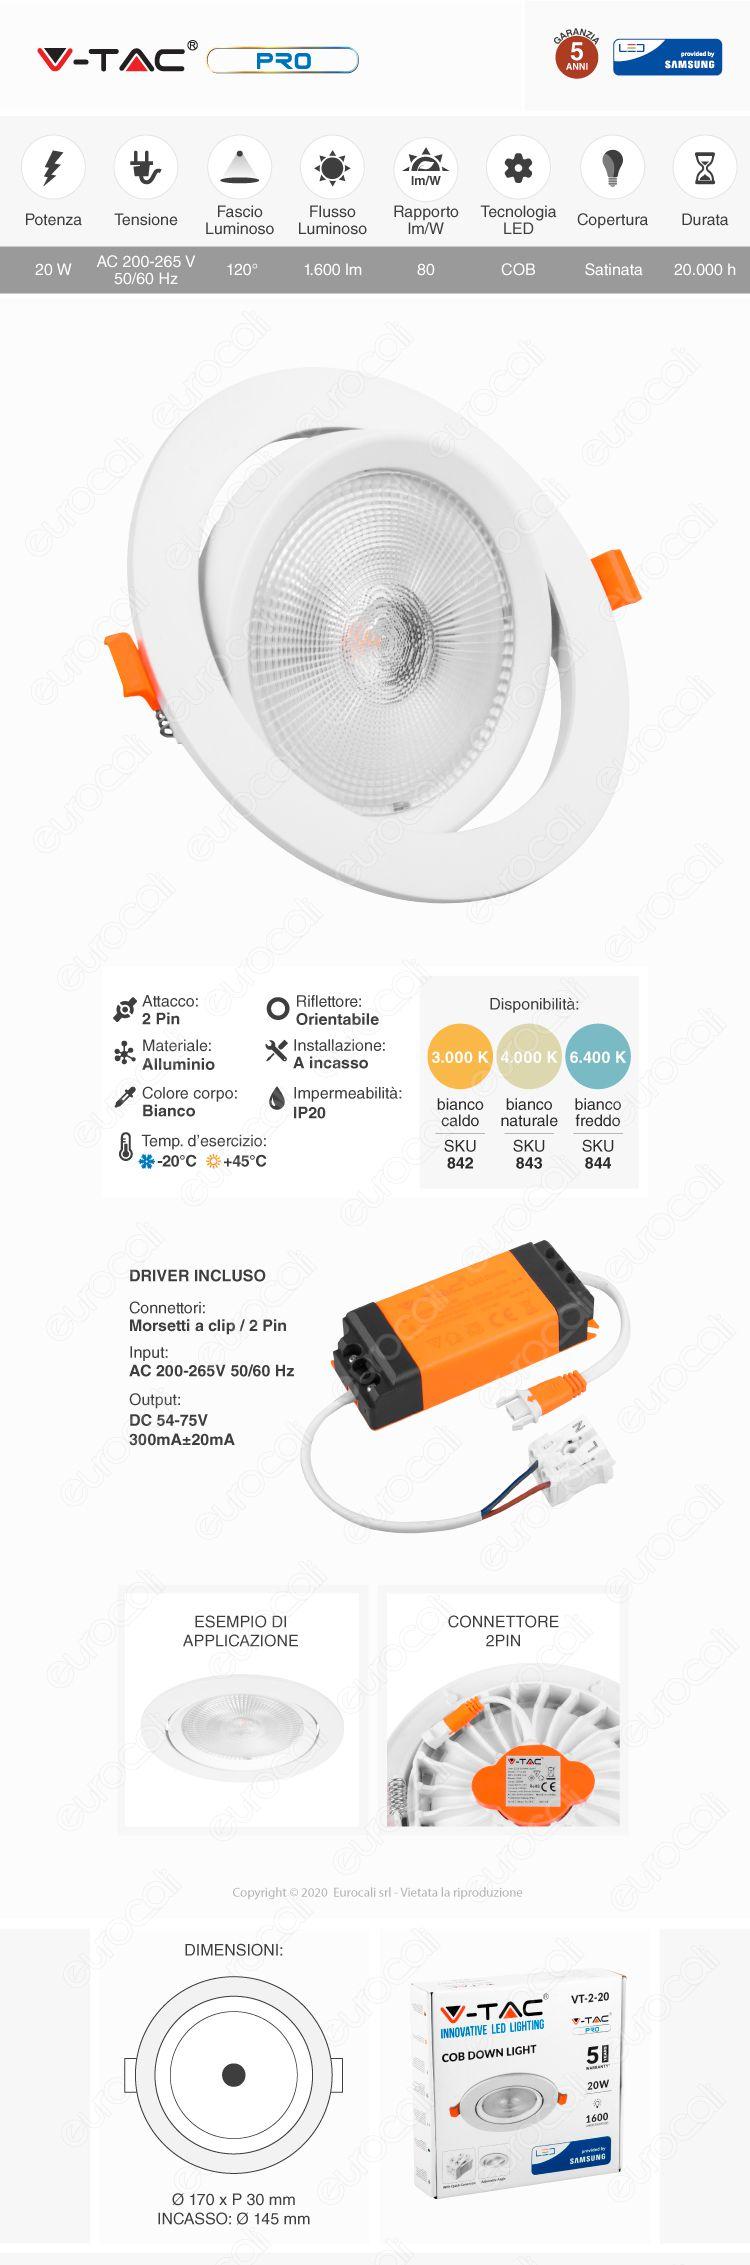 V-Tac PRO VT-2-20 Faretto LED da Incasso Rotondo 20W COB Chip Samsung